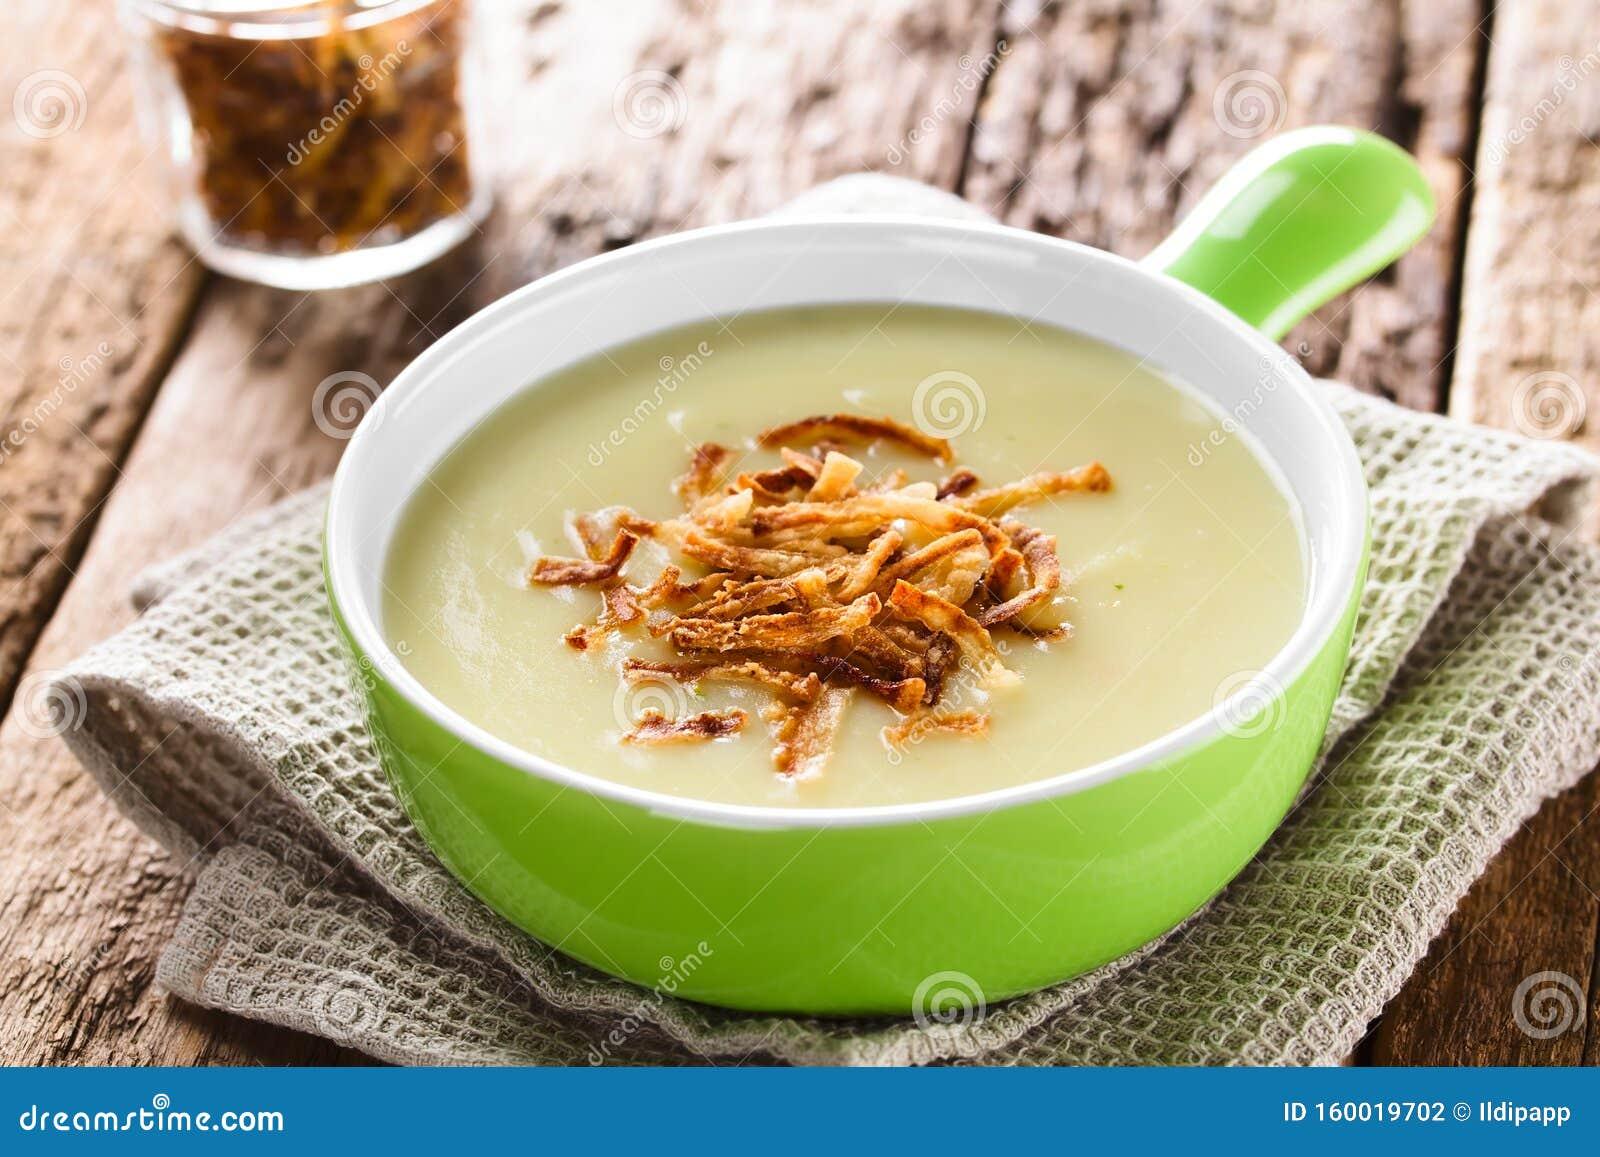 Patata Porner crema fresca de sopa de patata foto de archivo - imagen de